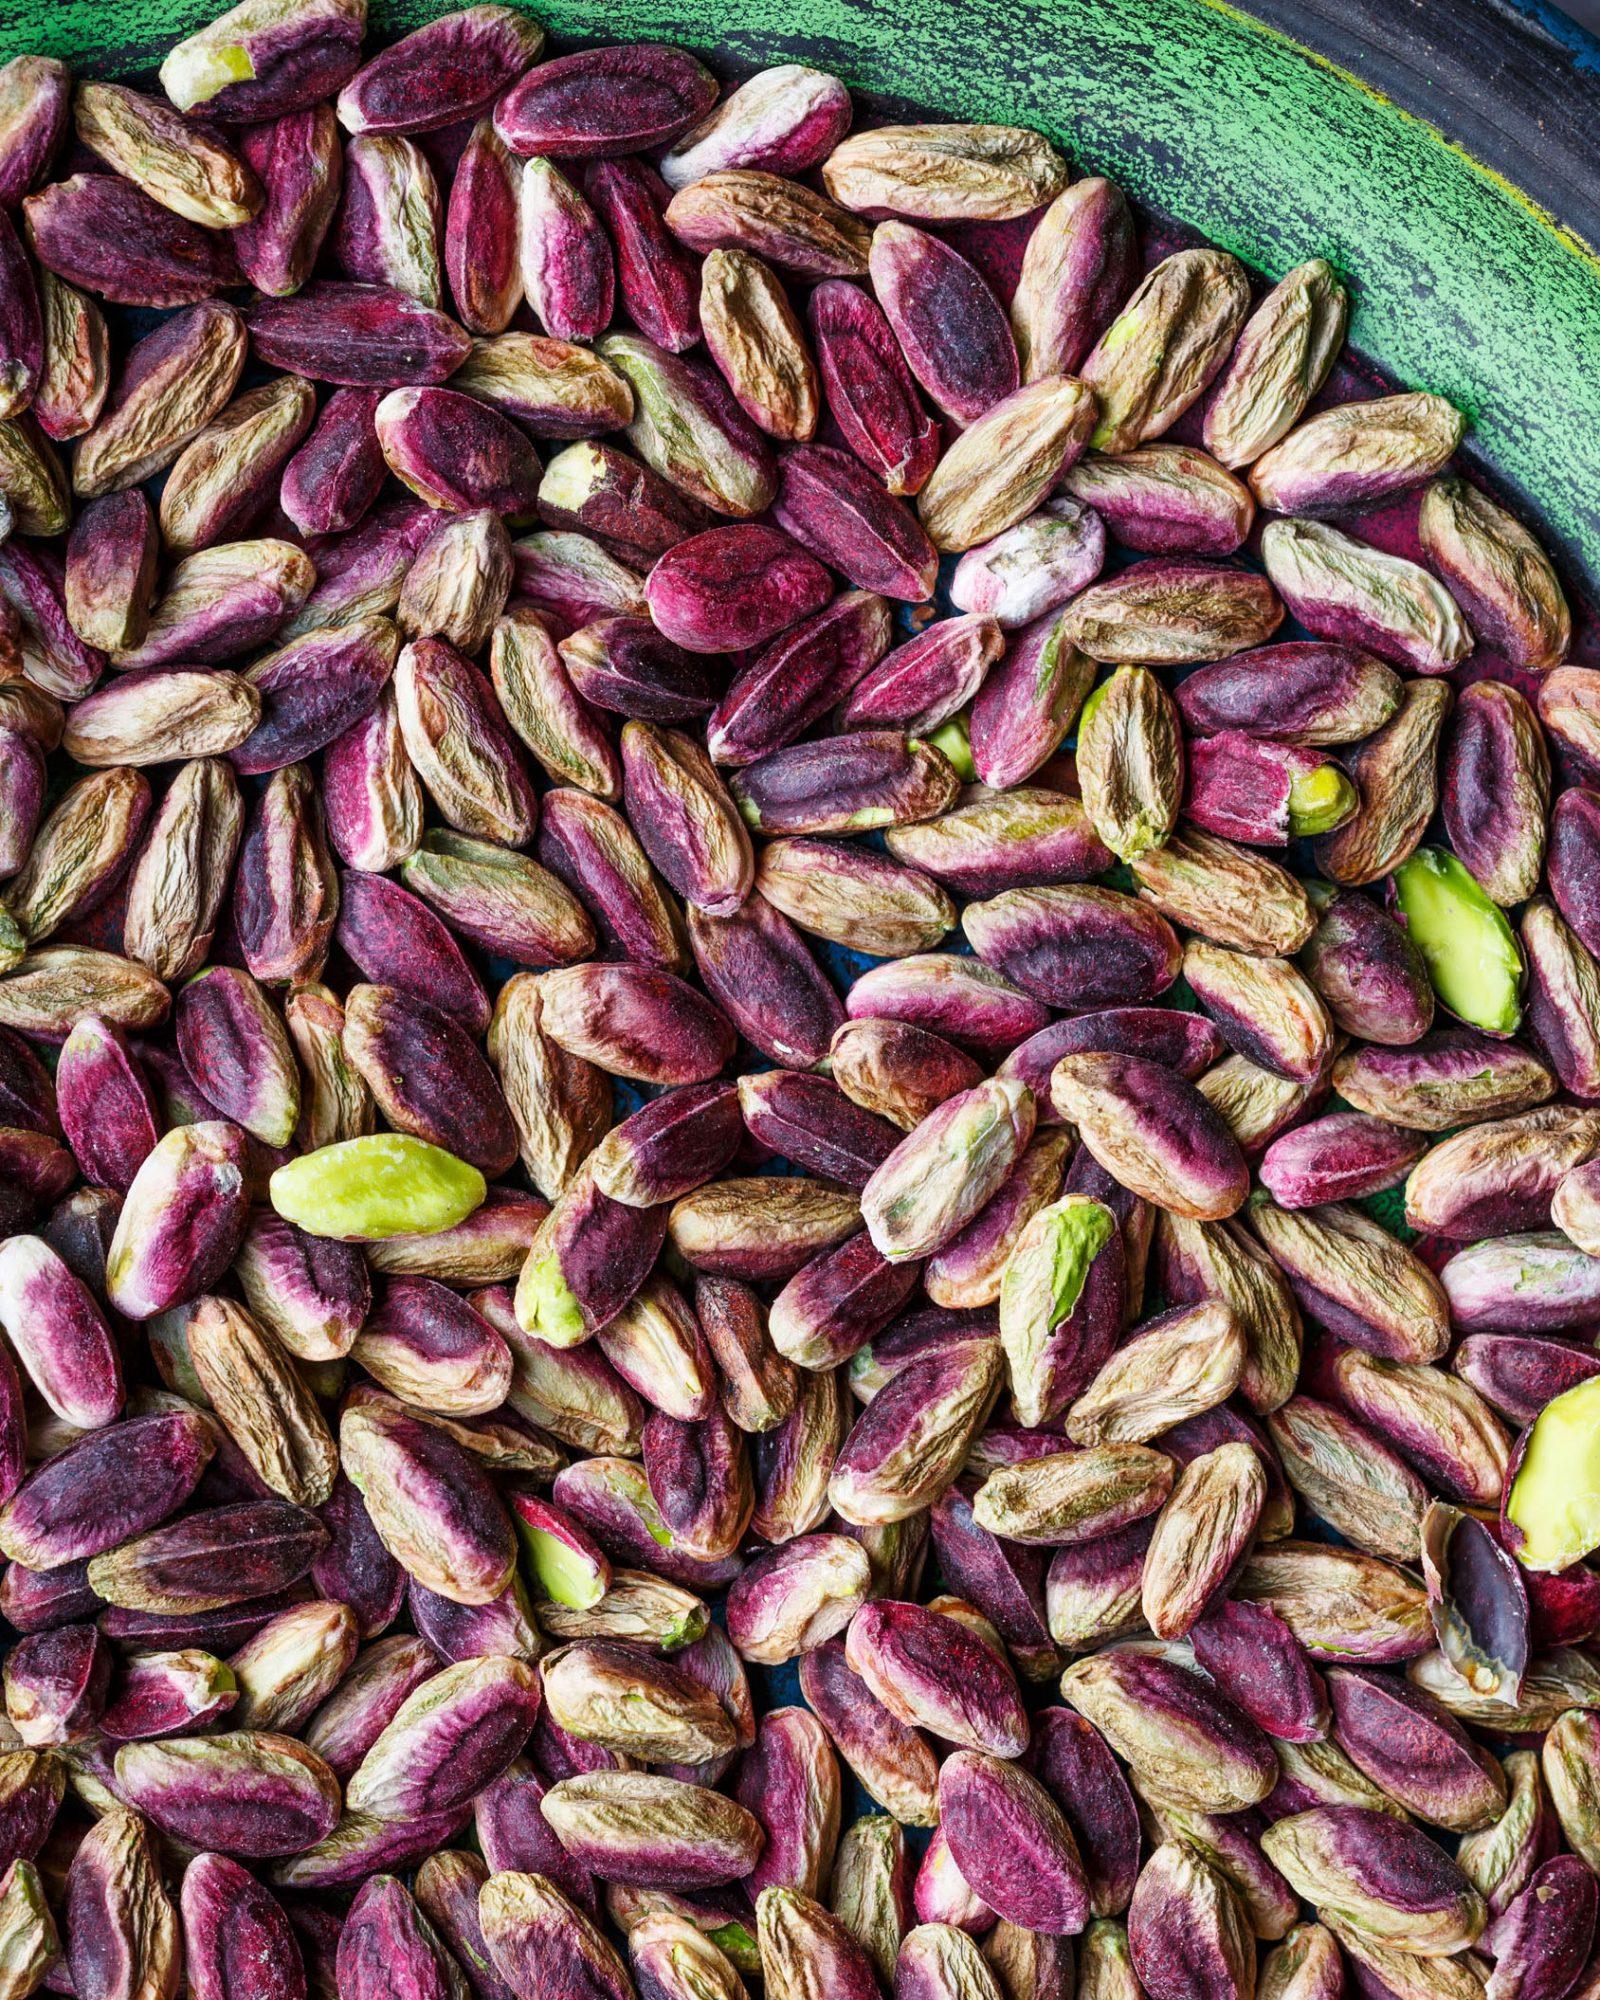 sicilain pistachios